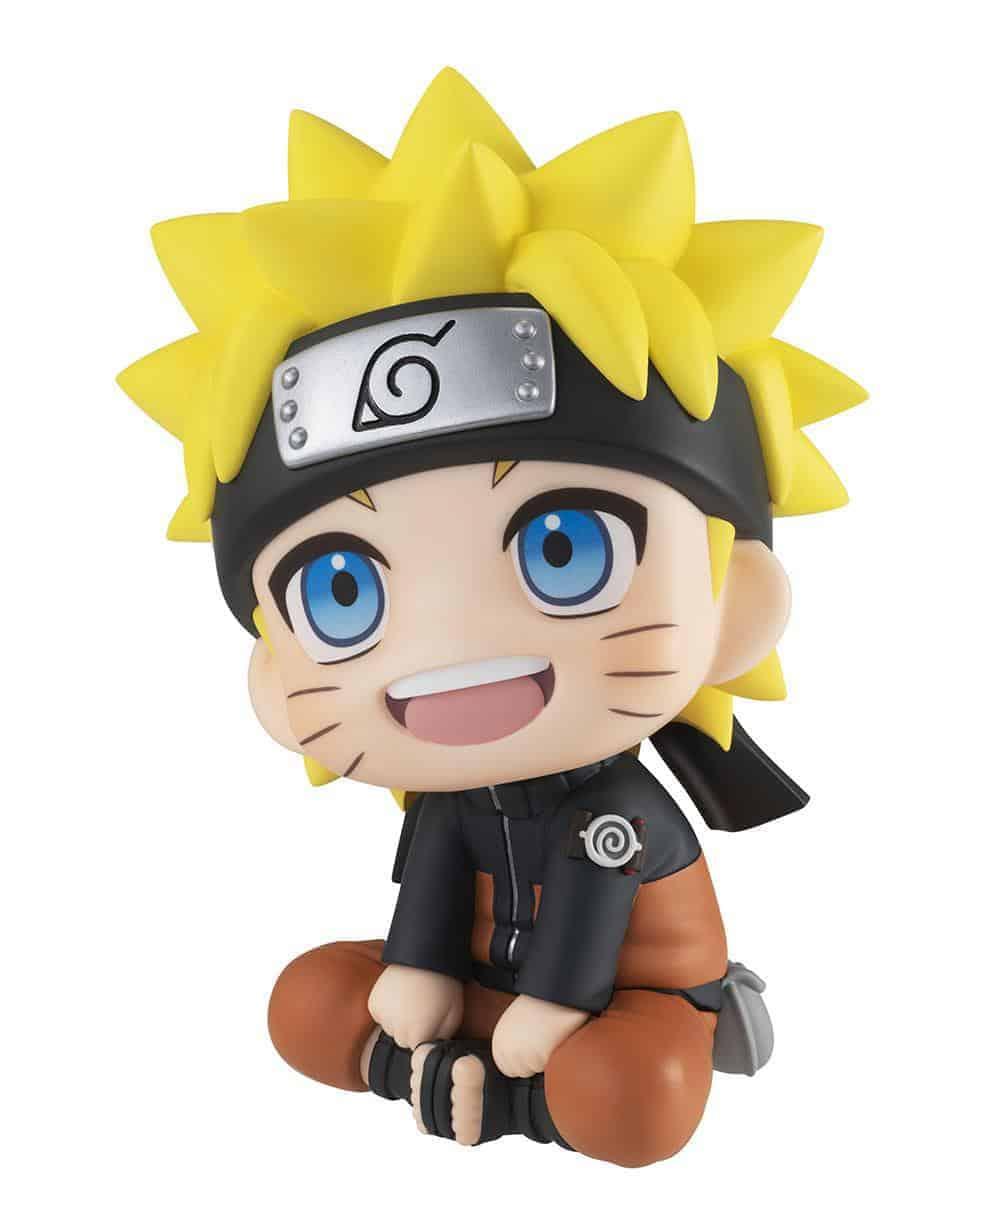 Naruto Shippuden Uzumaki Naruto Lookup Series Figures 3